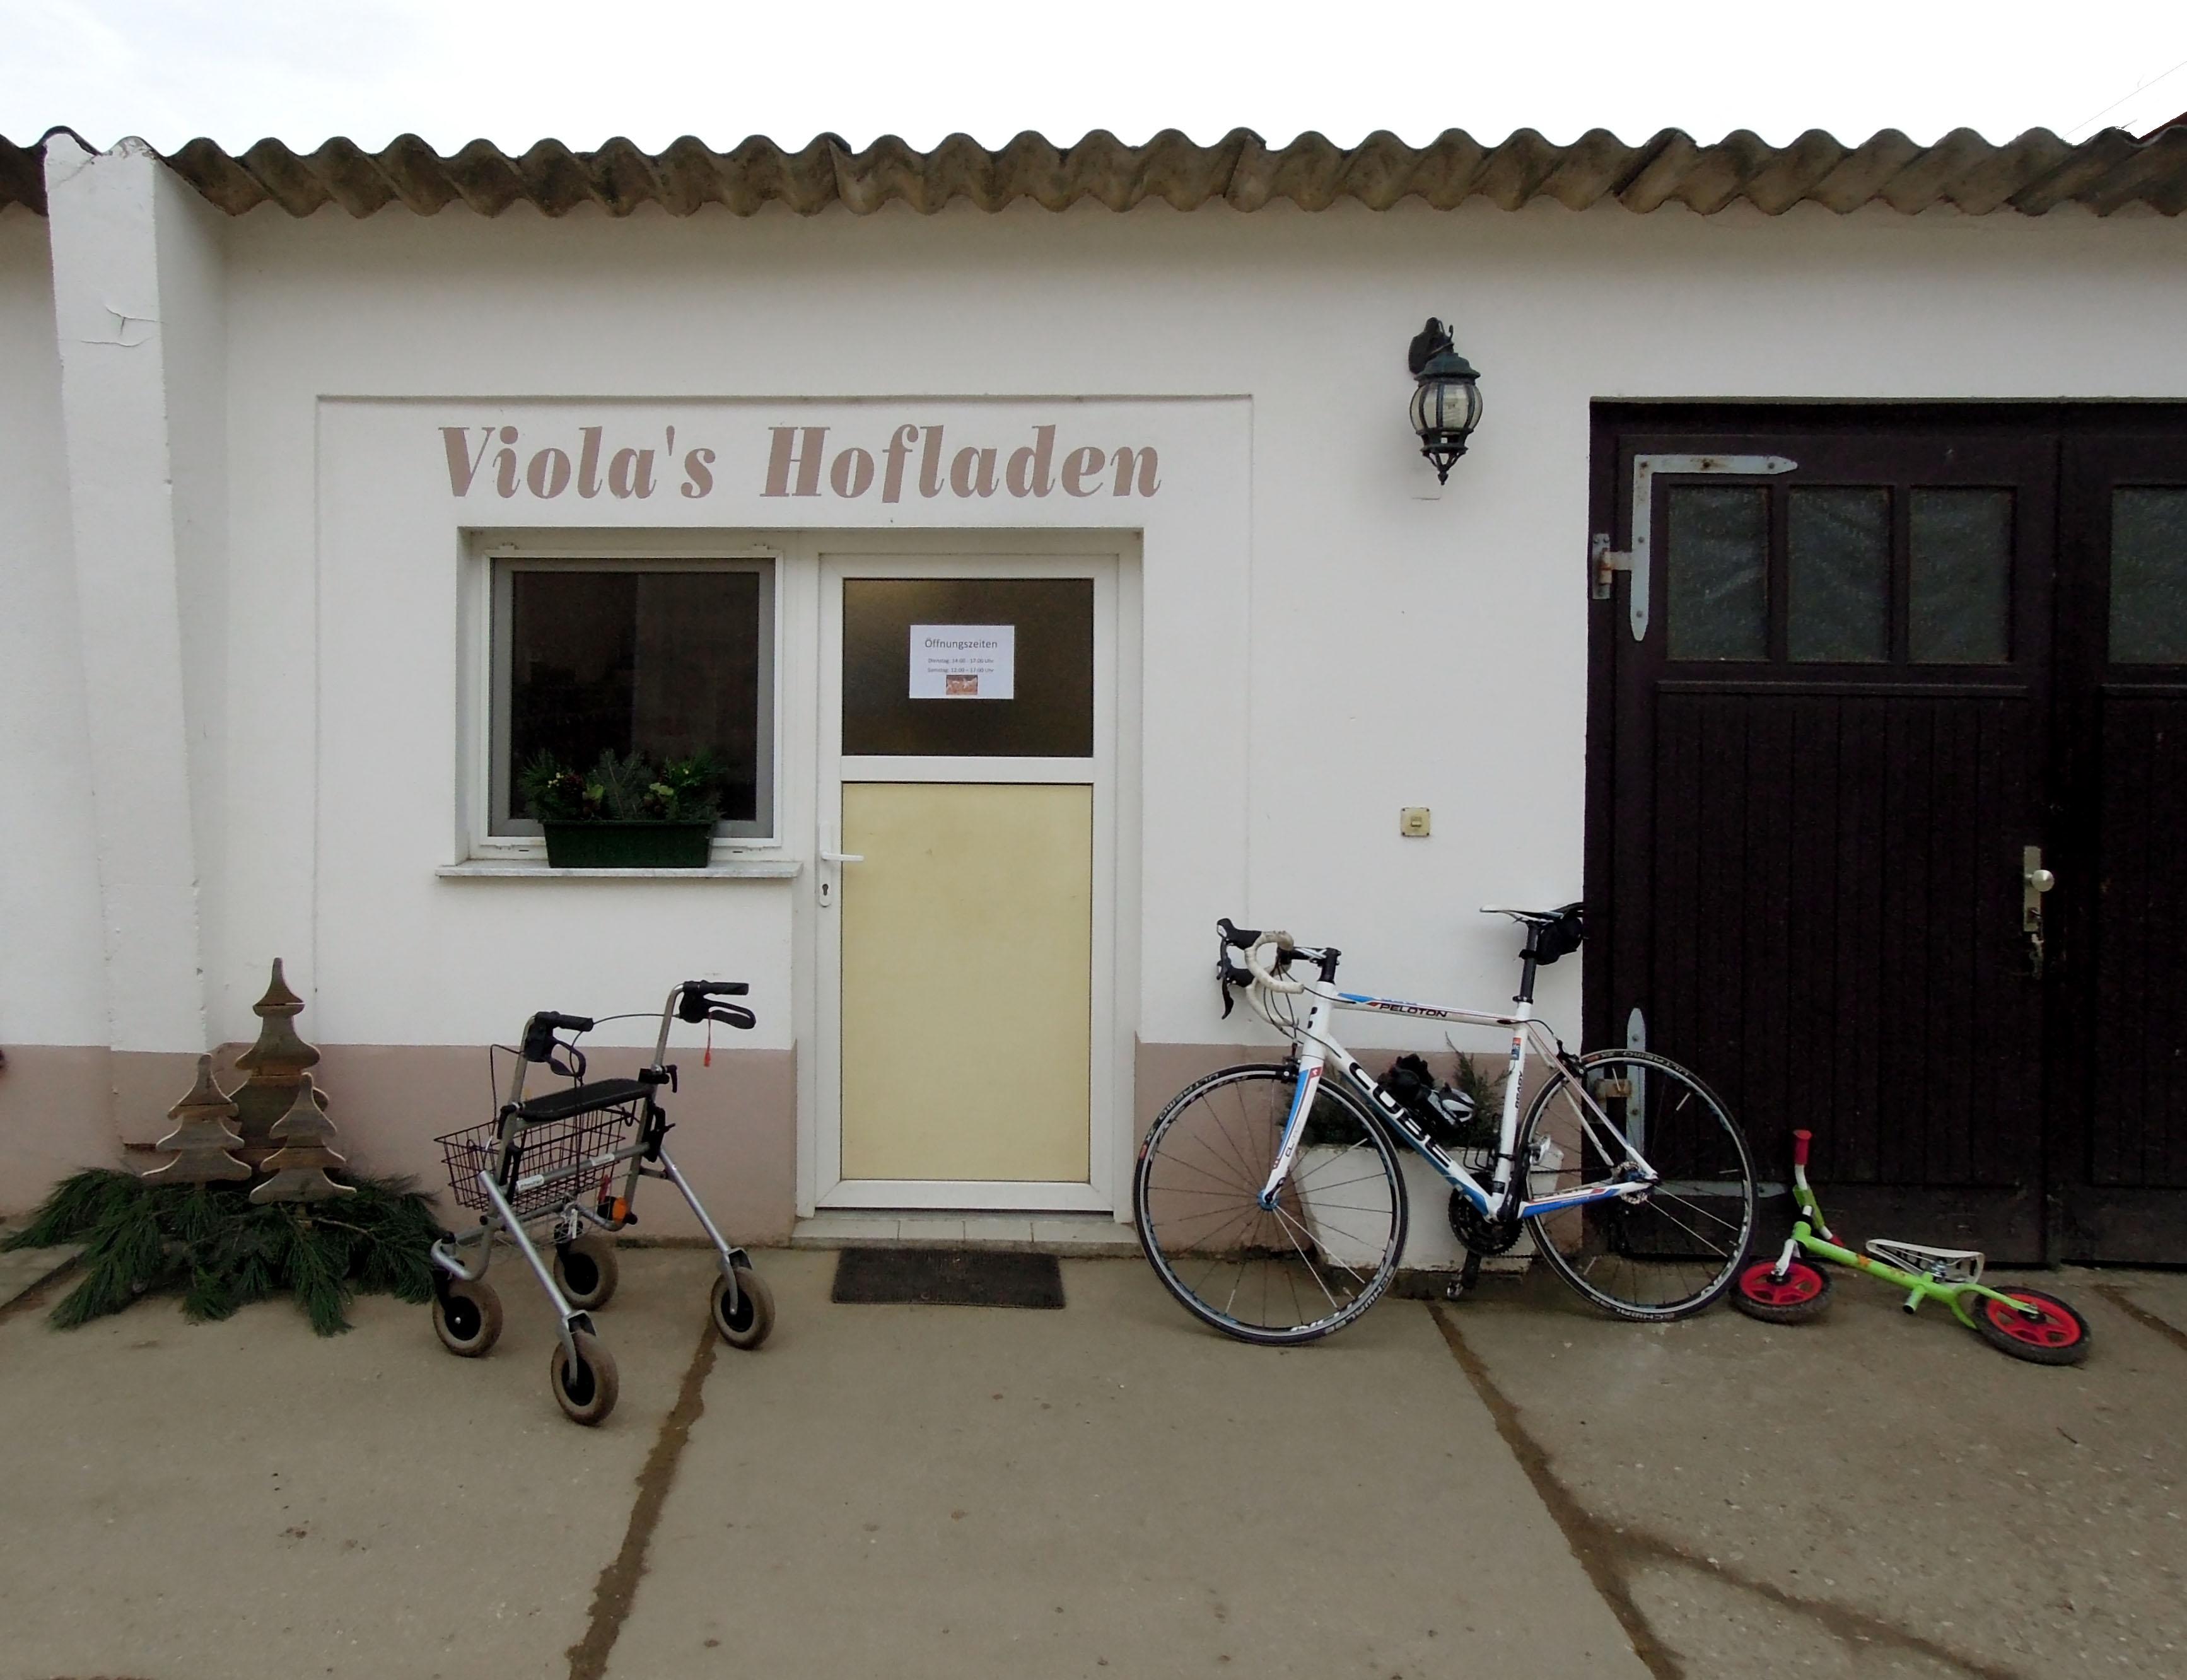 violas-hofladen